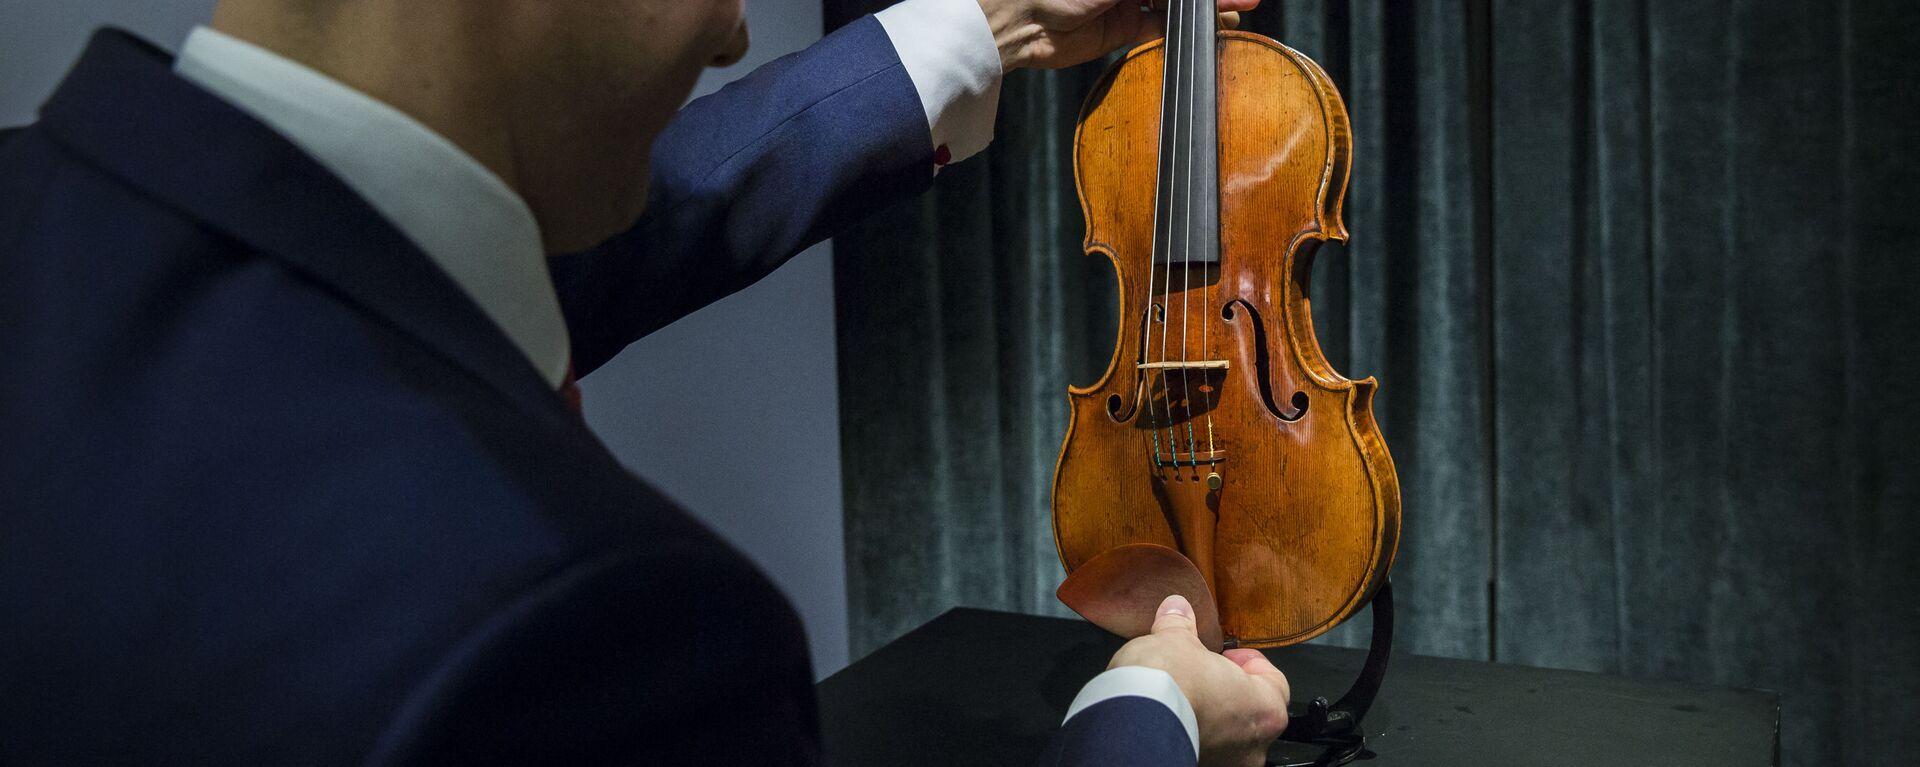 housle Stradivariho - Sputnik Česká republika, 1920, 25.08.2021